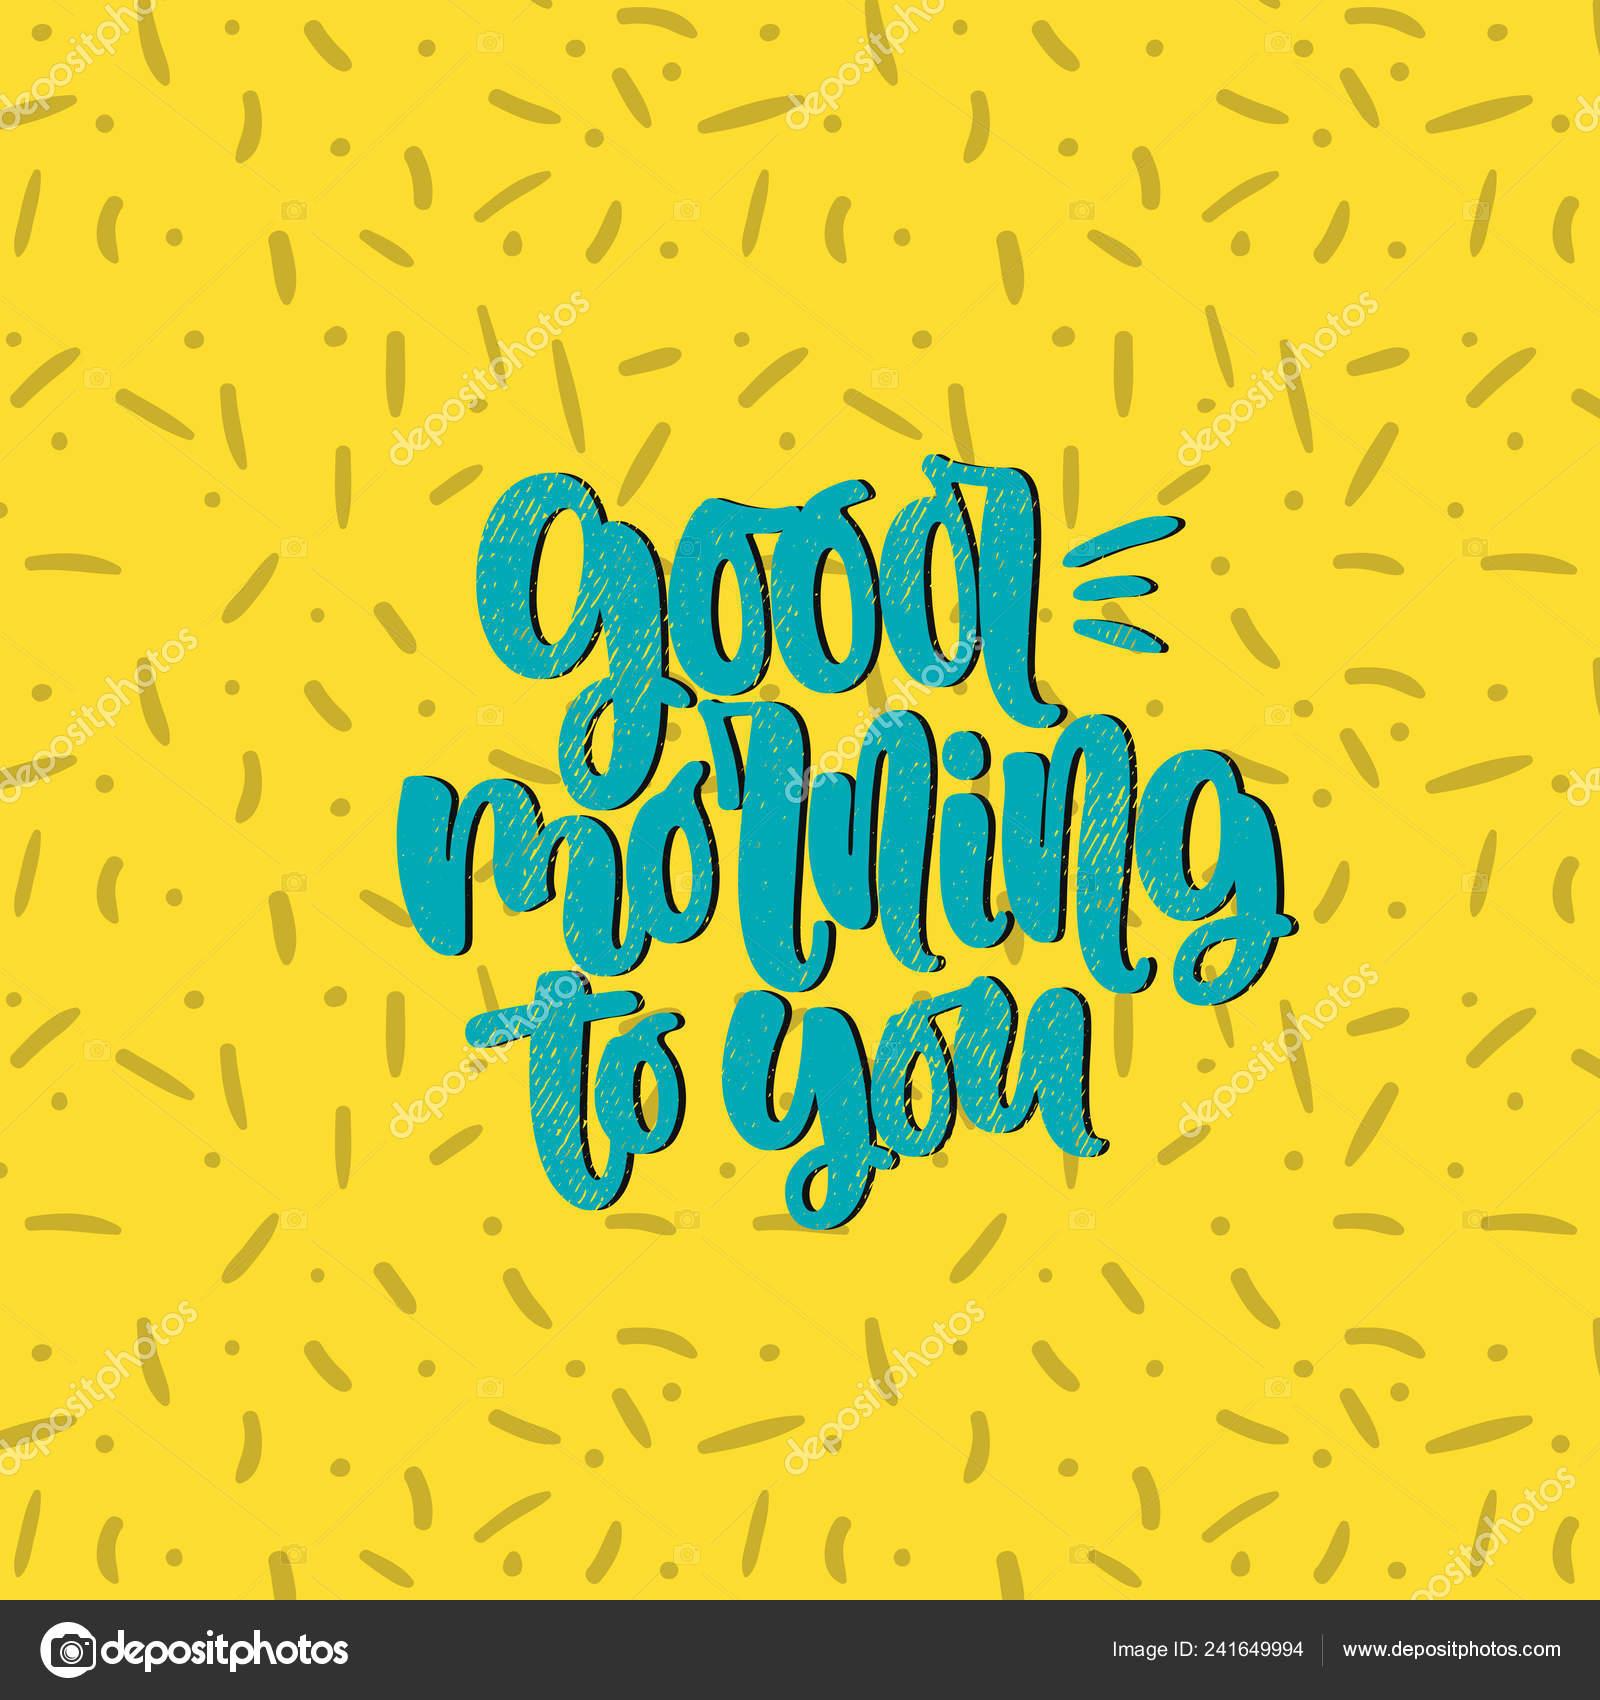 Vetorial Mão Ilustrações Desenhadas Letras Frases Bom Dia